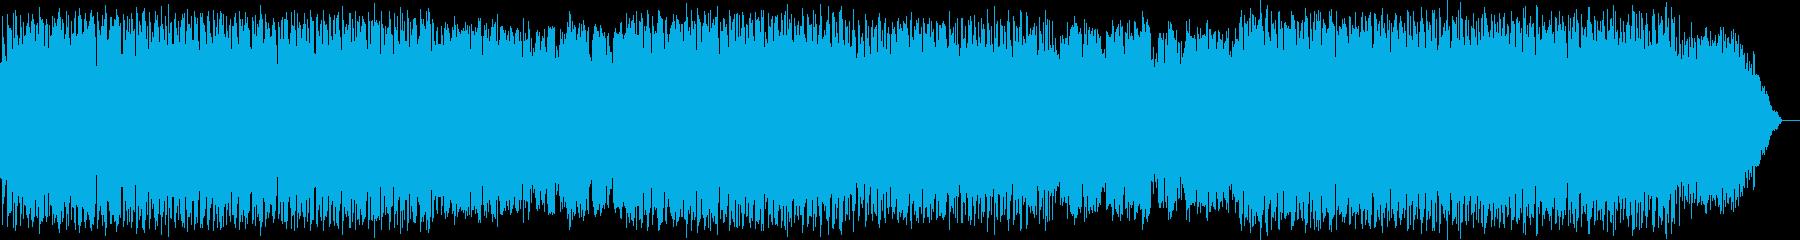 浮遊感の竹笛の再生済みの波形